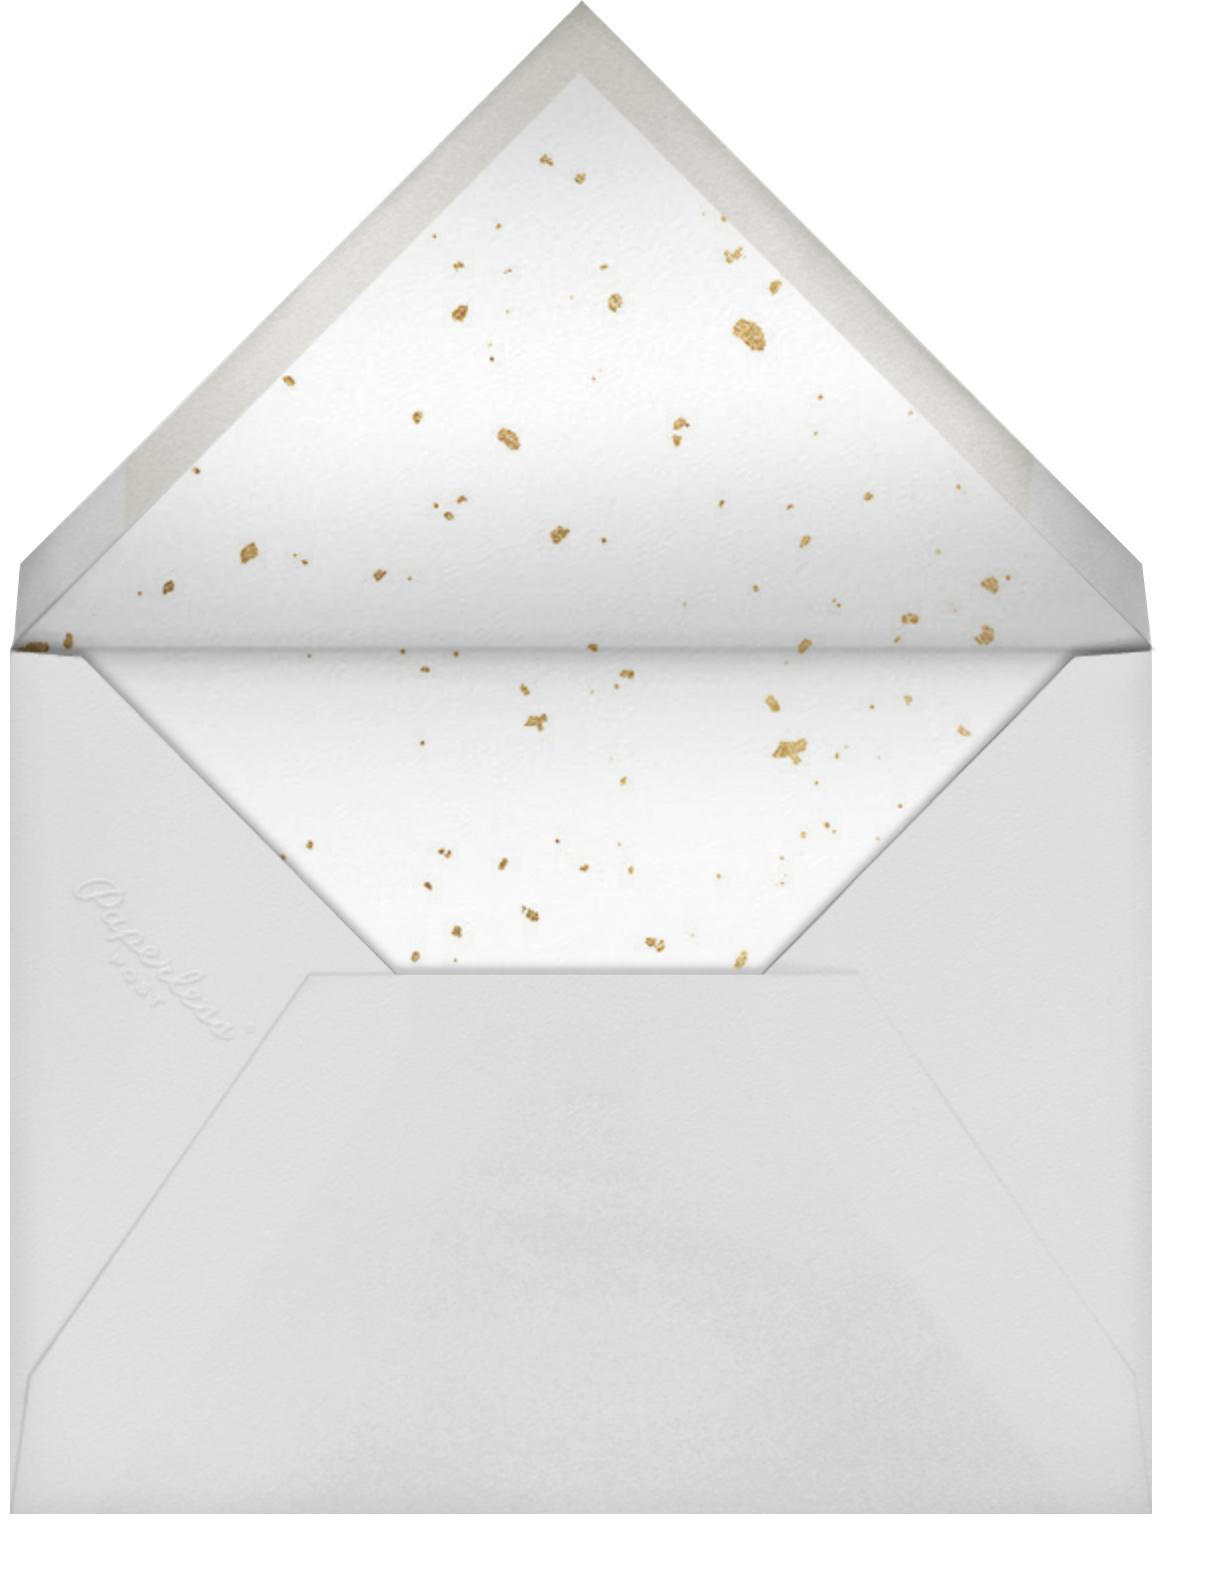 Dissolve (Invitation) - & - Paperless Post - All - envelope back